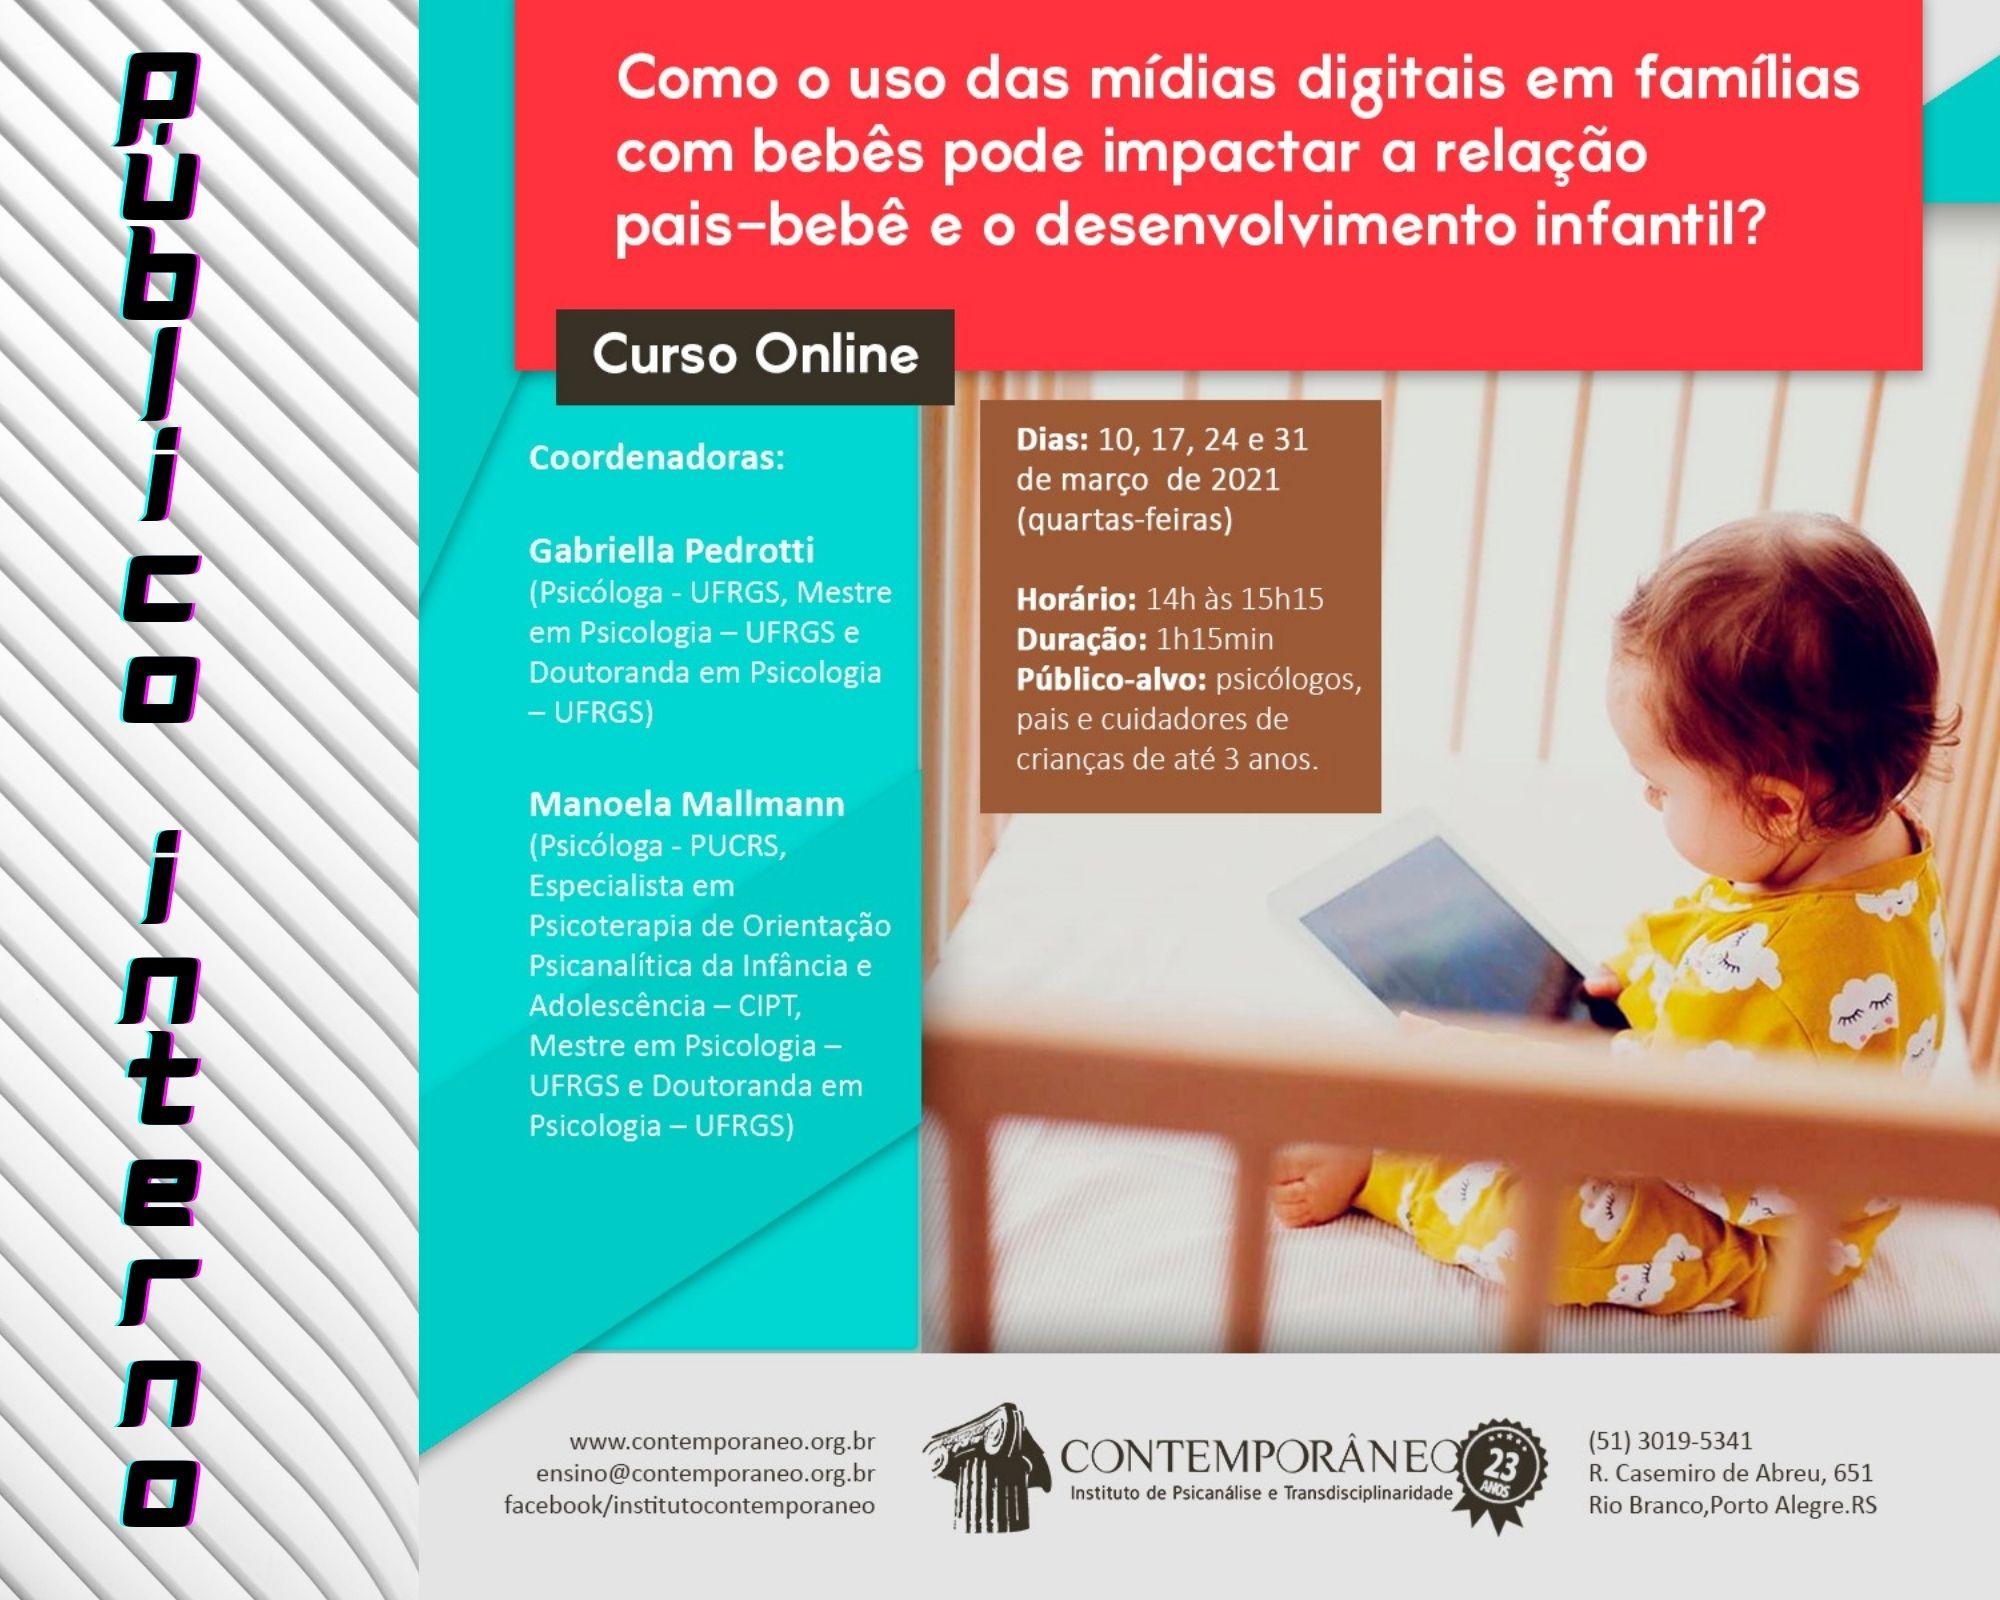 Curso para Uso das Mídias Digitais em famílias com bebês - Público Interno